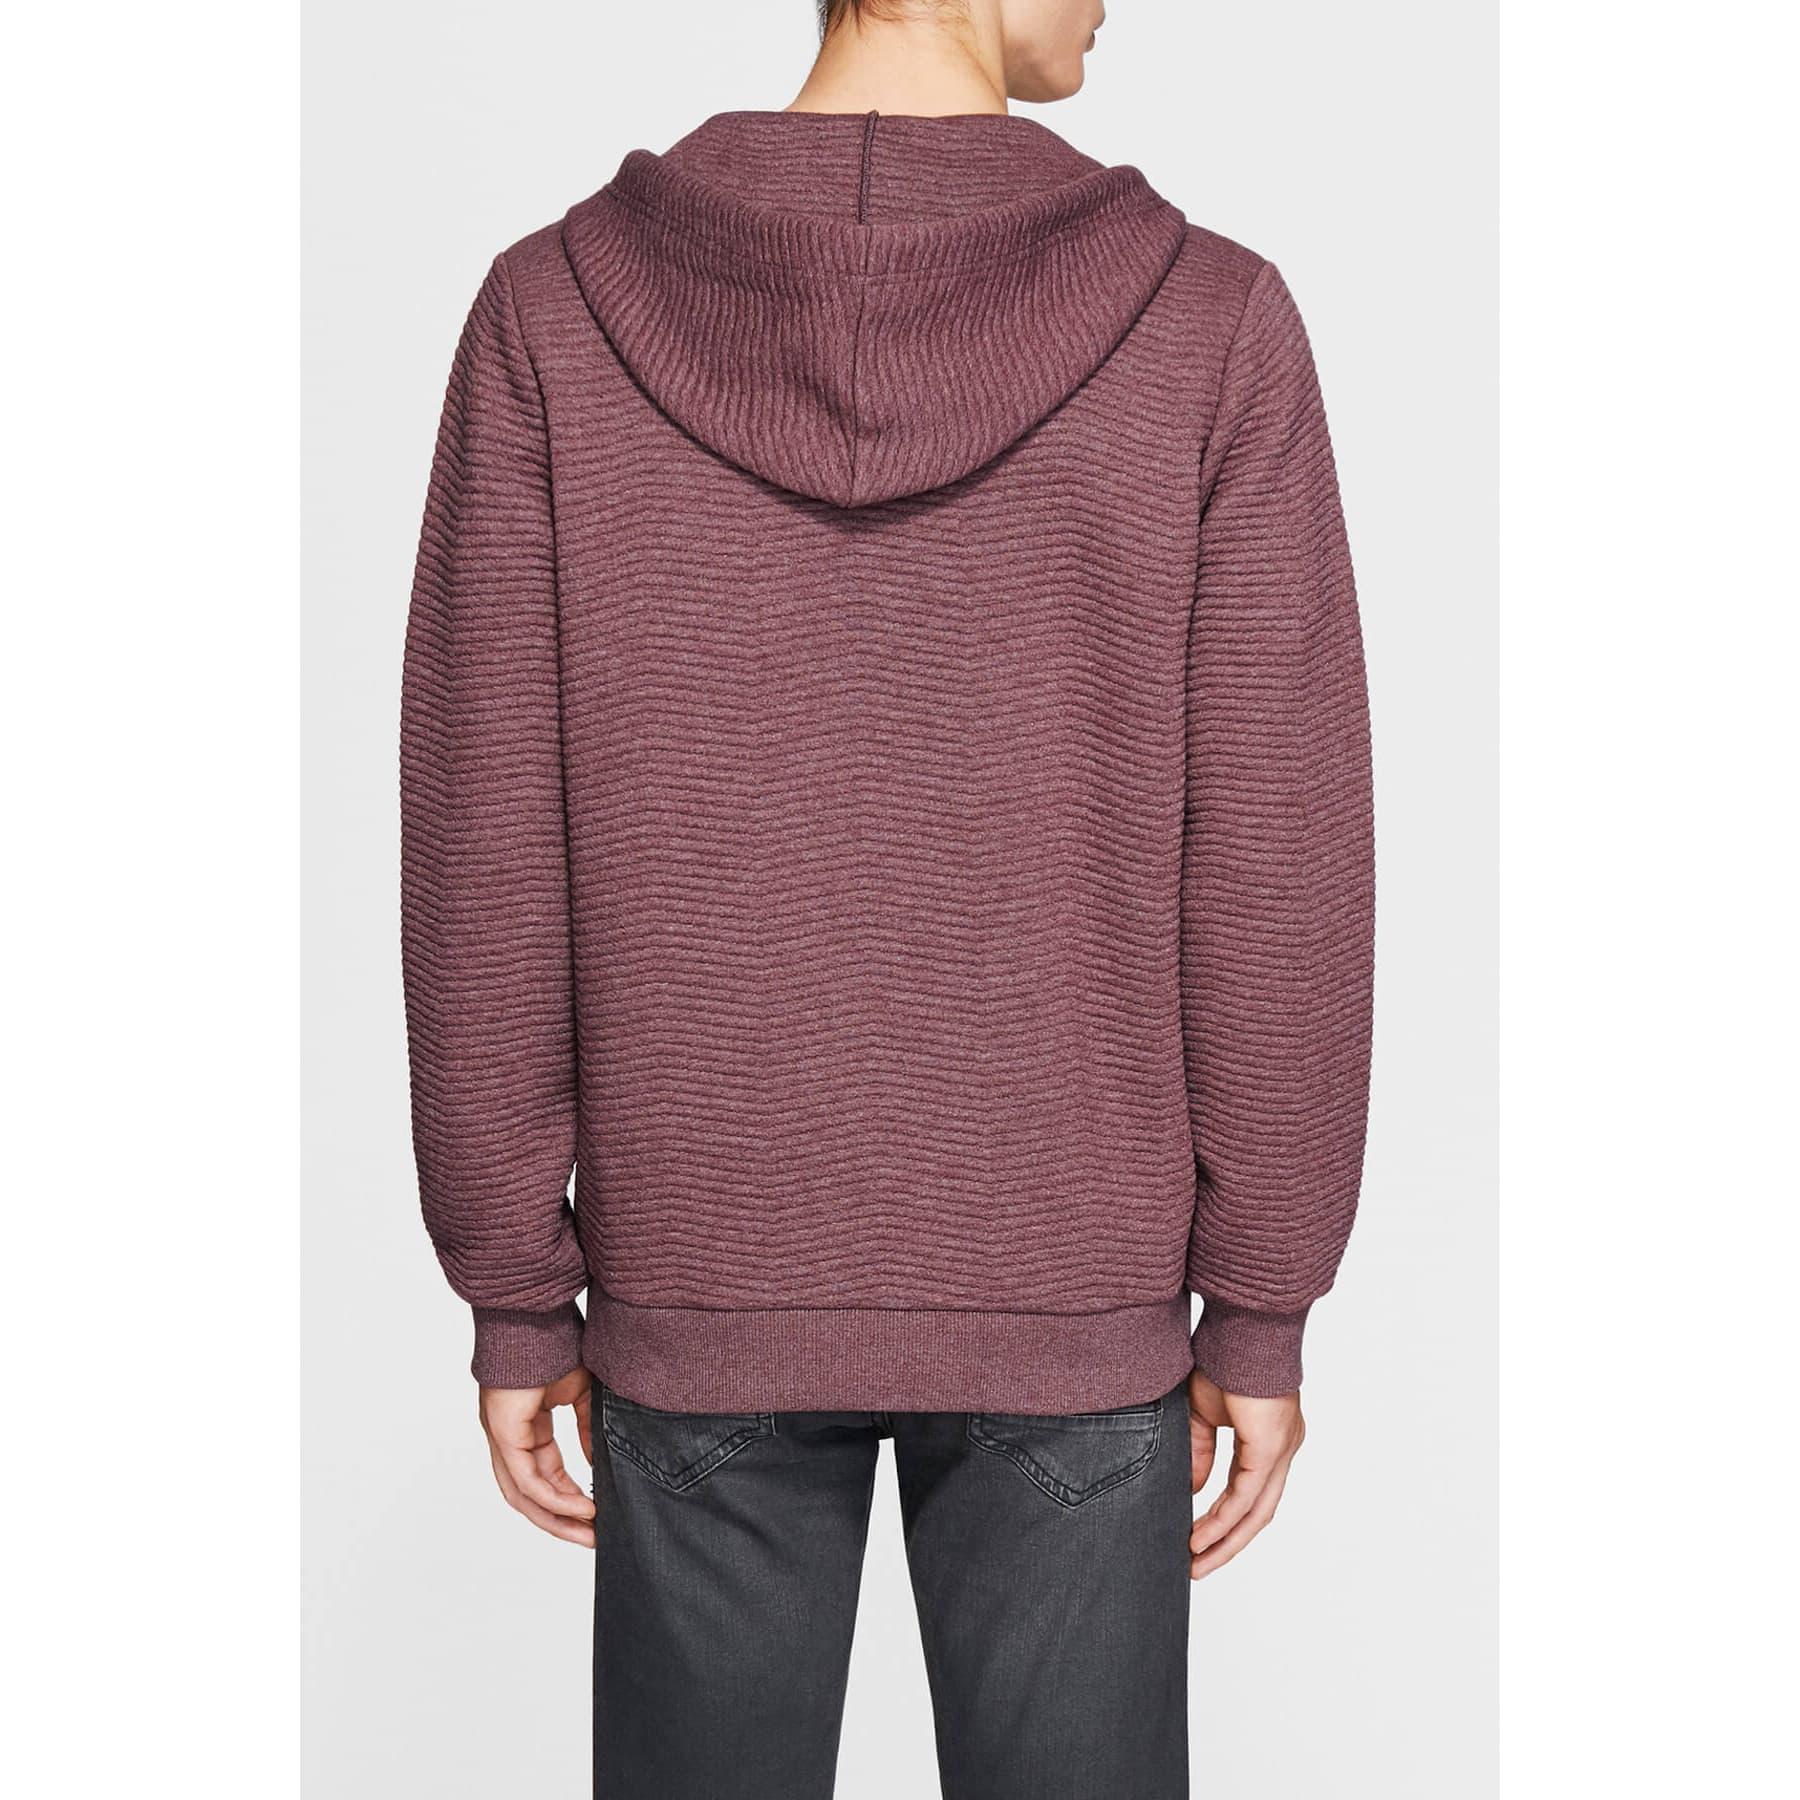 Mavi Jeans Zip Up Erkek Bordo Sweatshirt